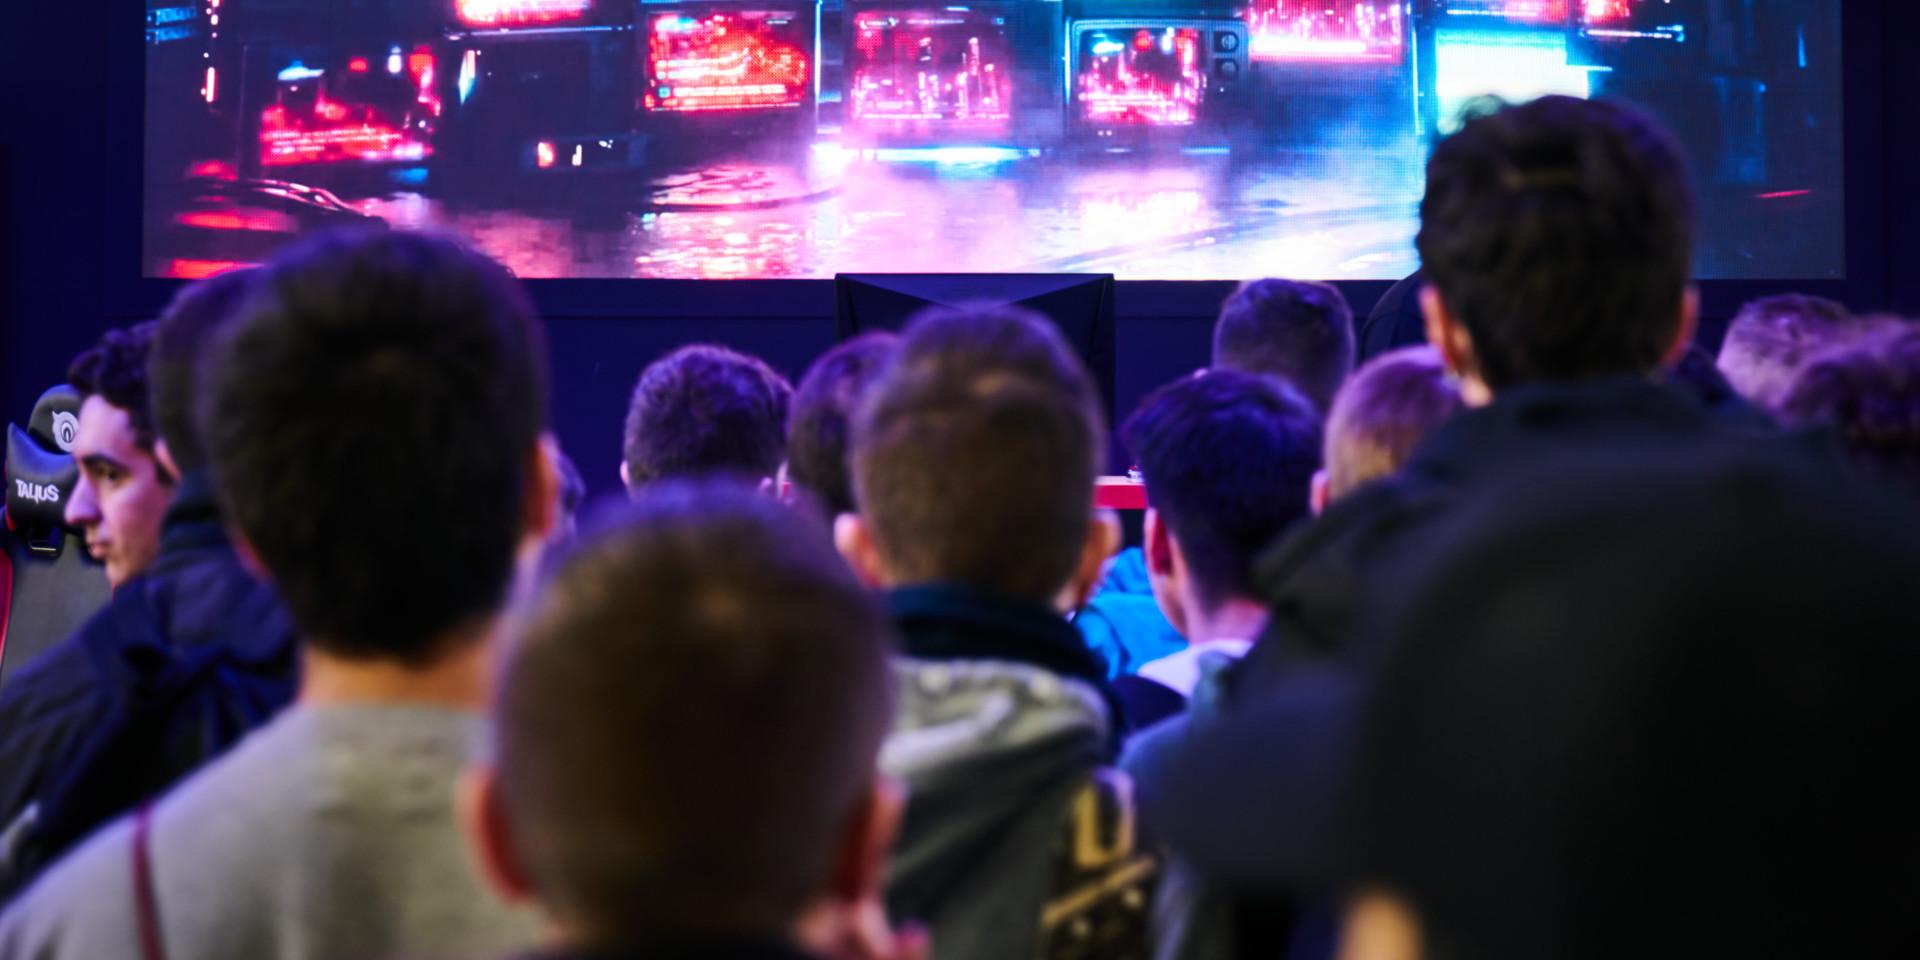 FOTOGRAFÍA  Y VIDEO EVENTO NICEONEBARCELONA N1B REPUBLIC OF GAMERS GAMING EVENT_1